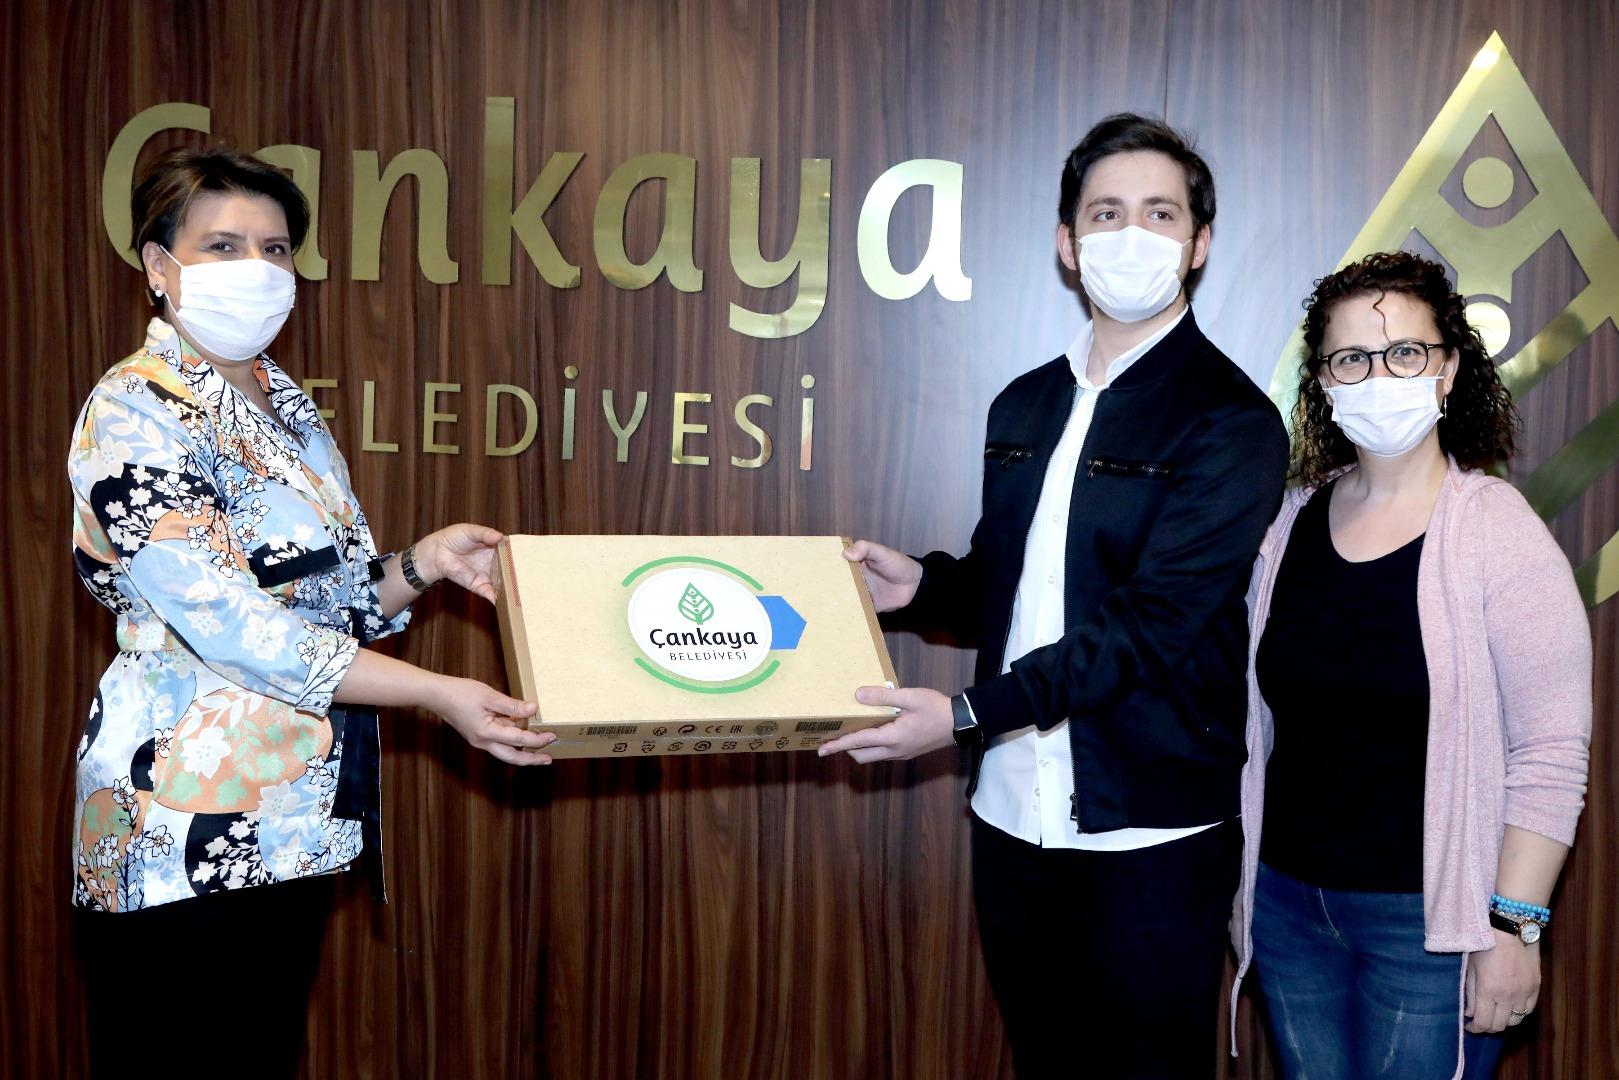 Çankaya online YKS'den Türkiye derecesine